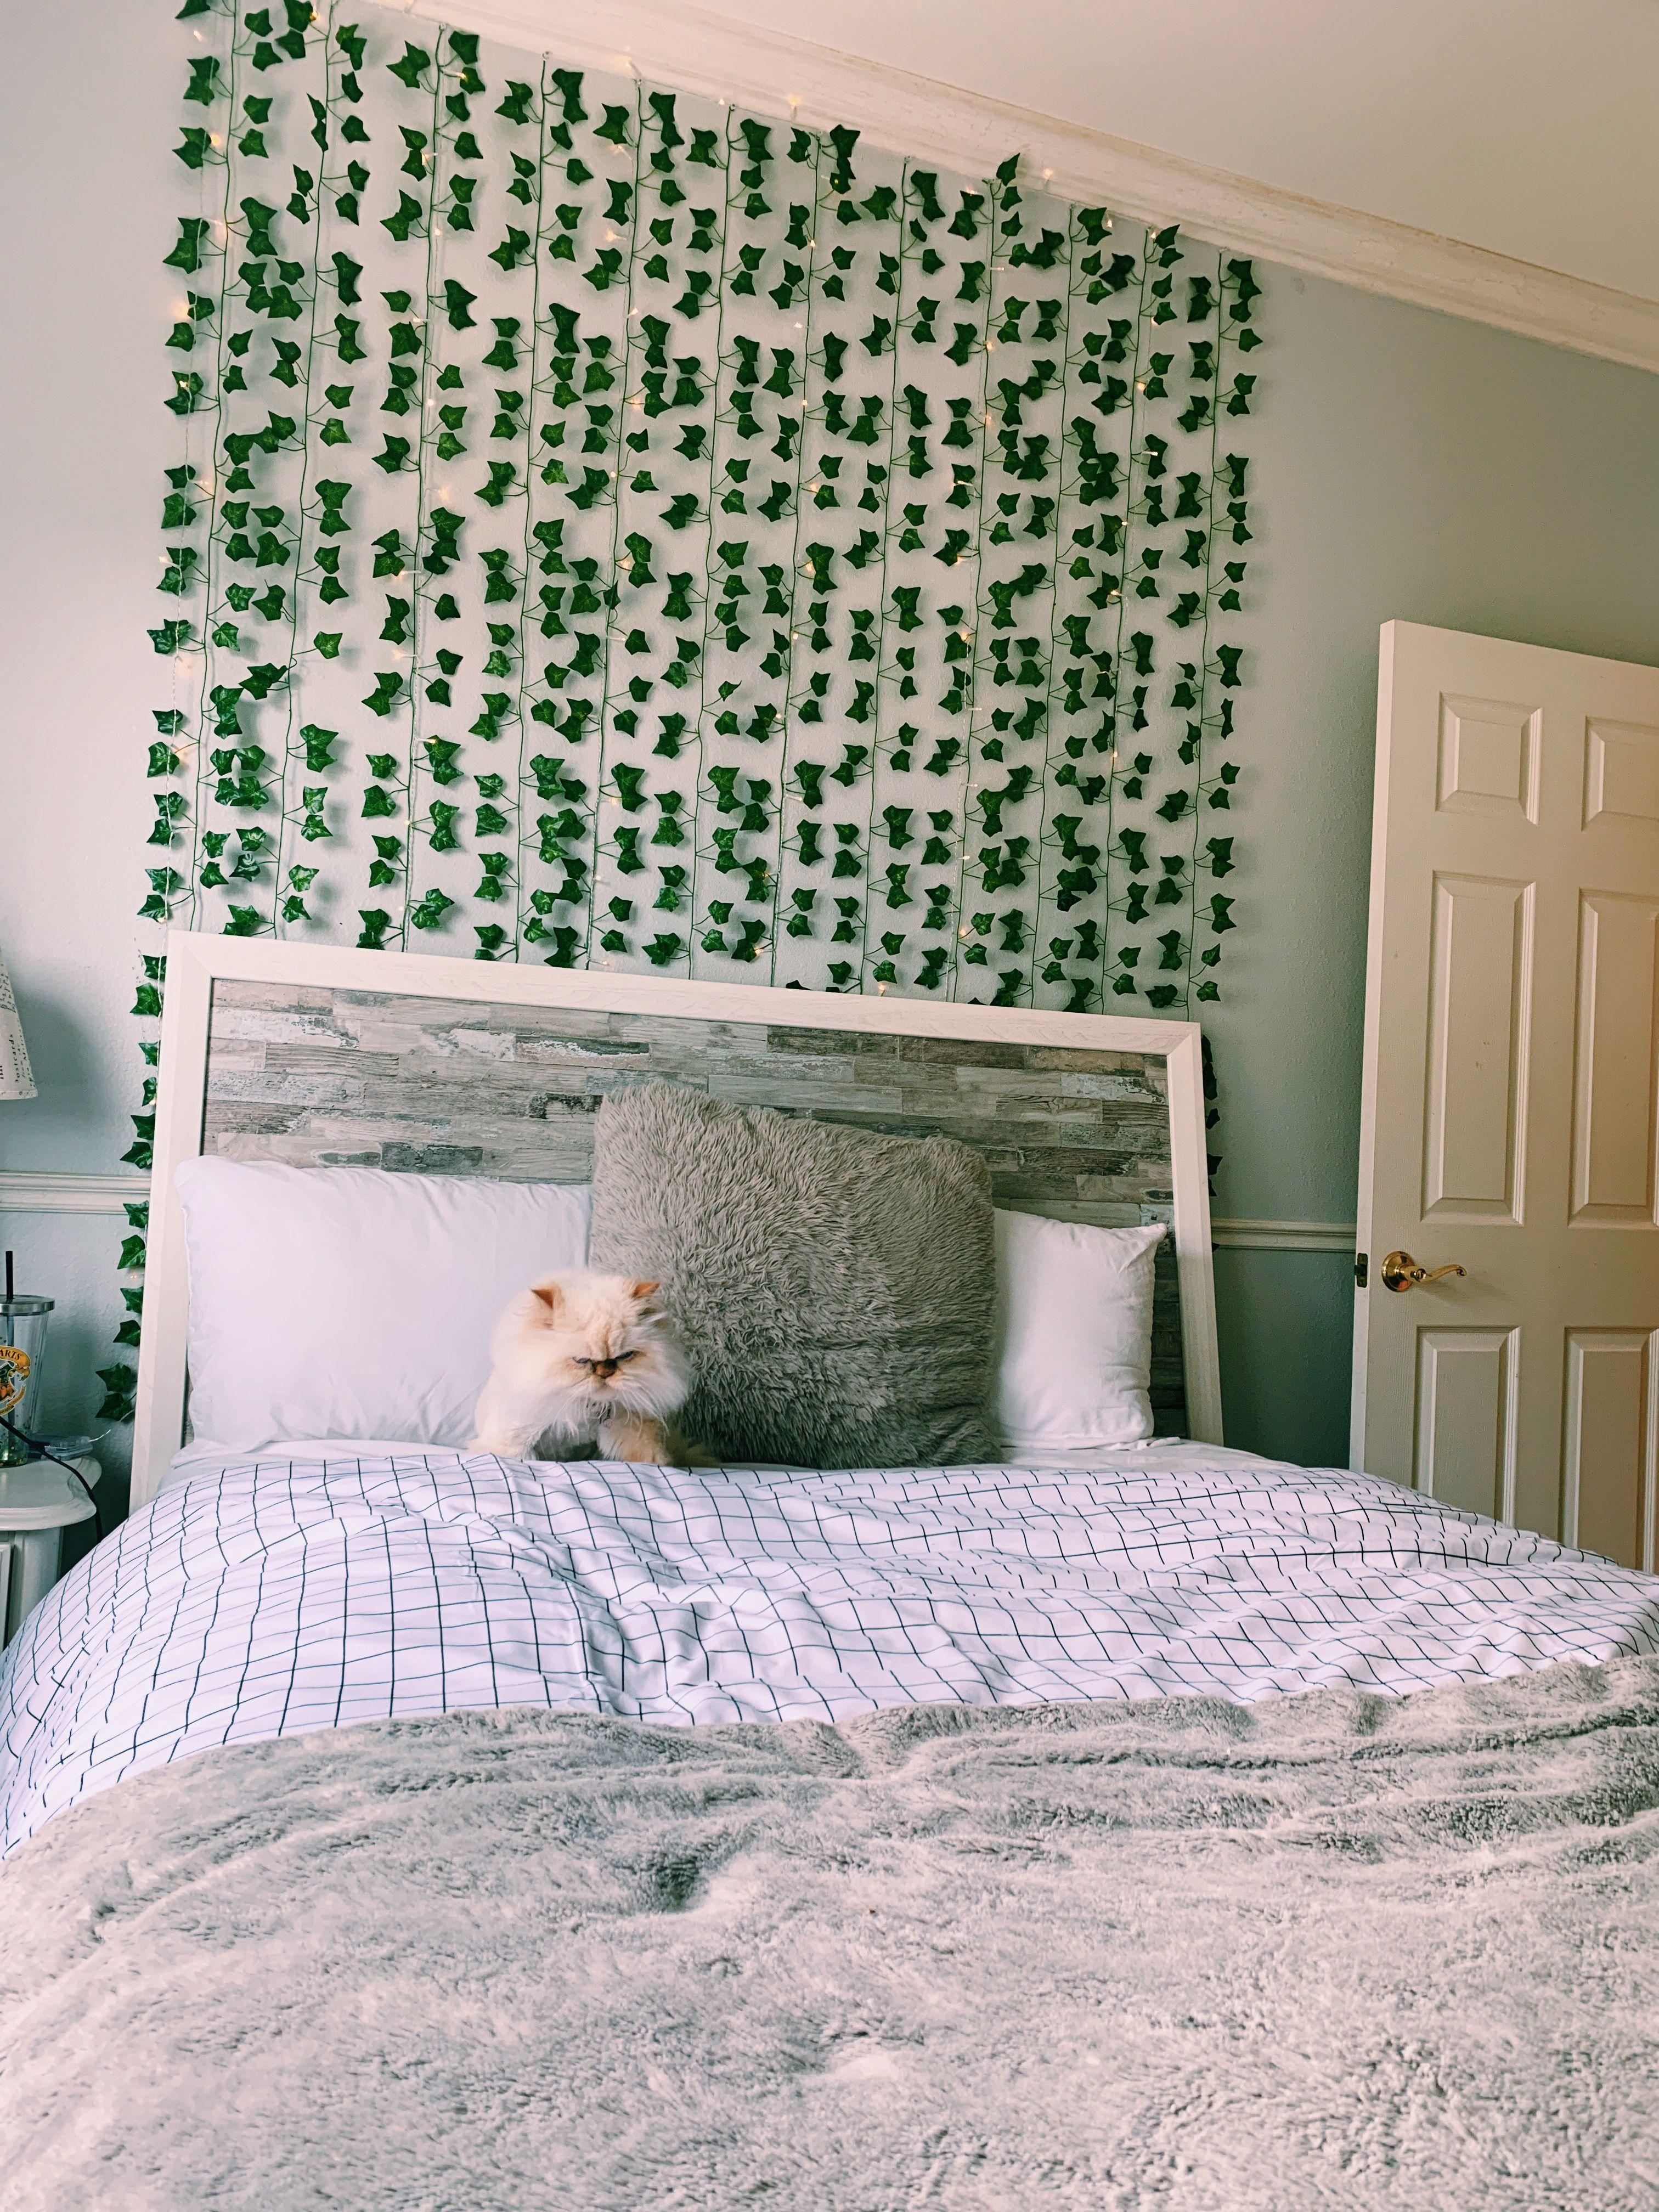 Aesthetic Bedroom Room Design Bedroom Room Ideas Bedroom Redecorate Bedroom